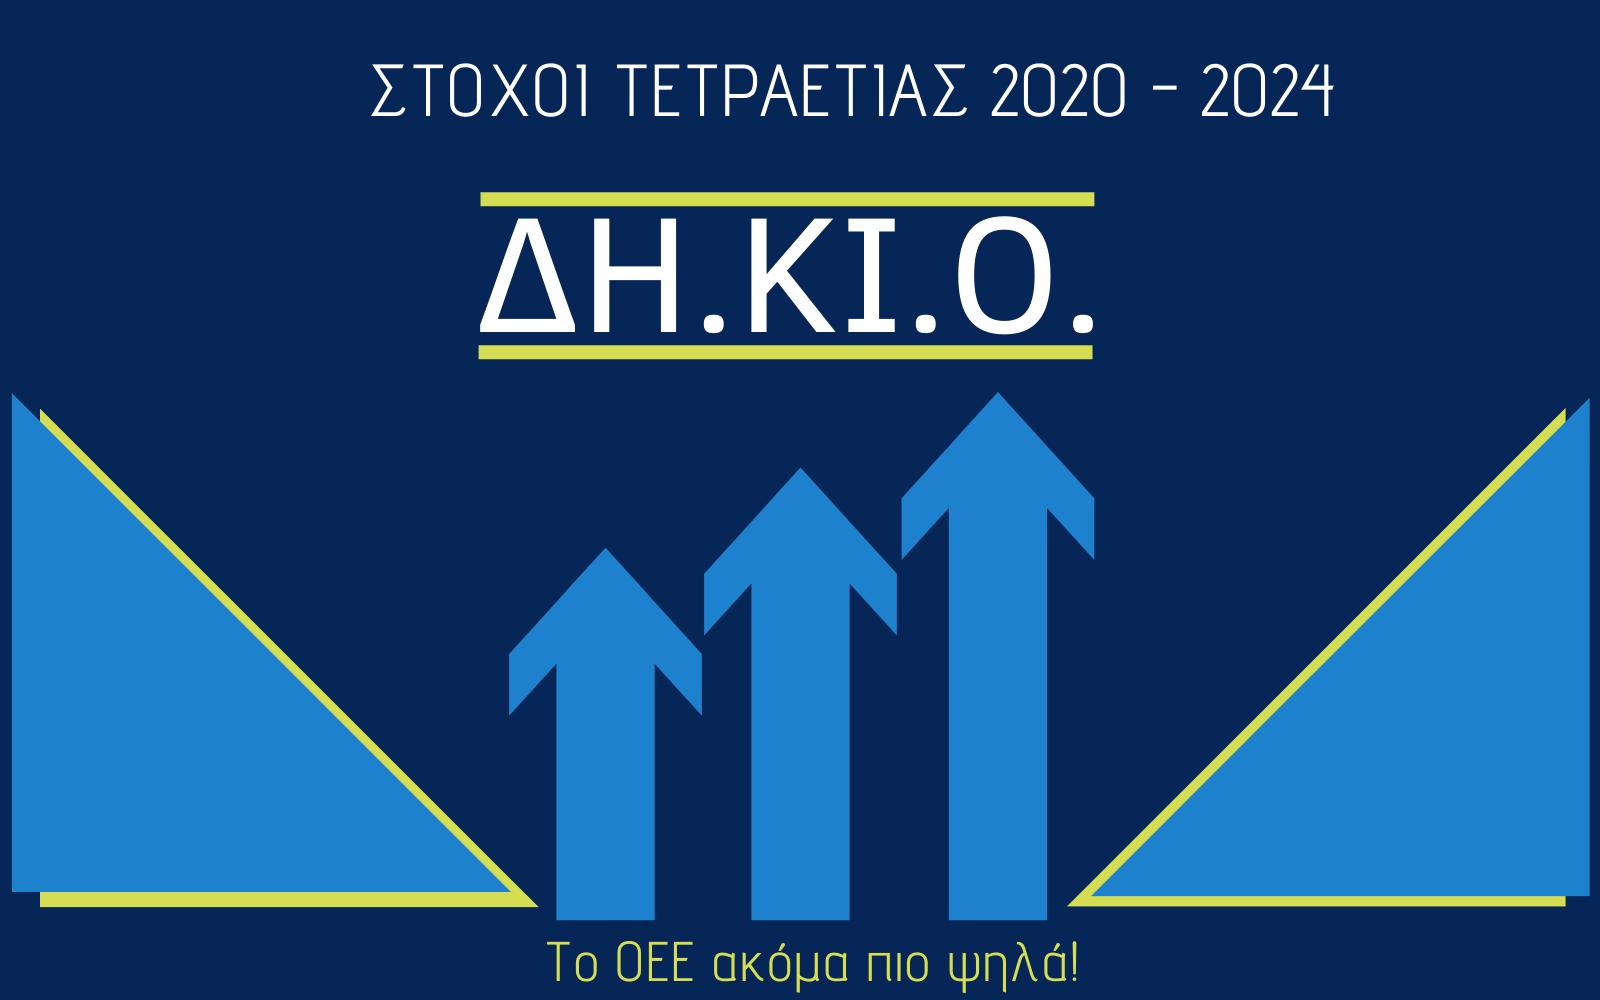 Στόχοι Τετραετίας 2020 – 2024